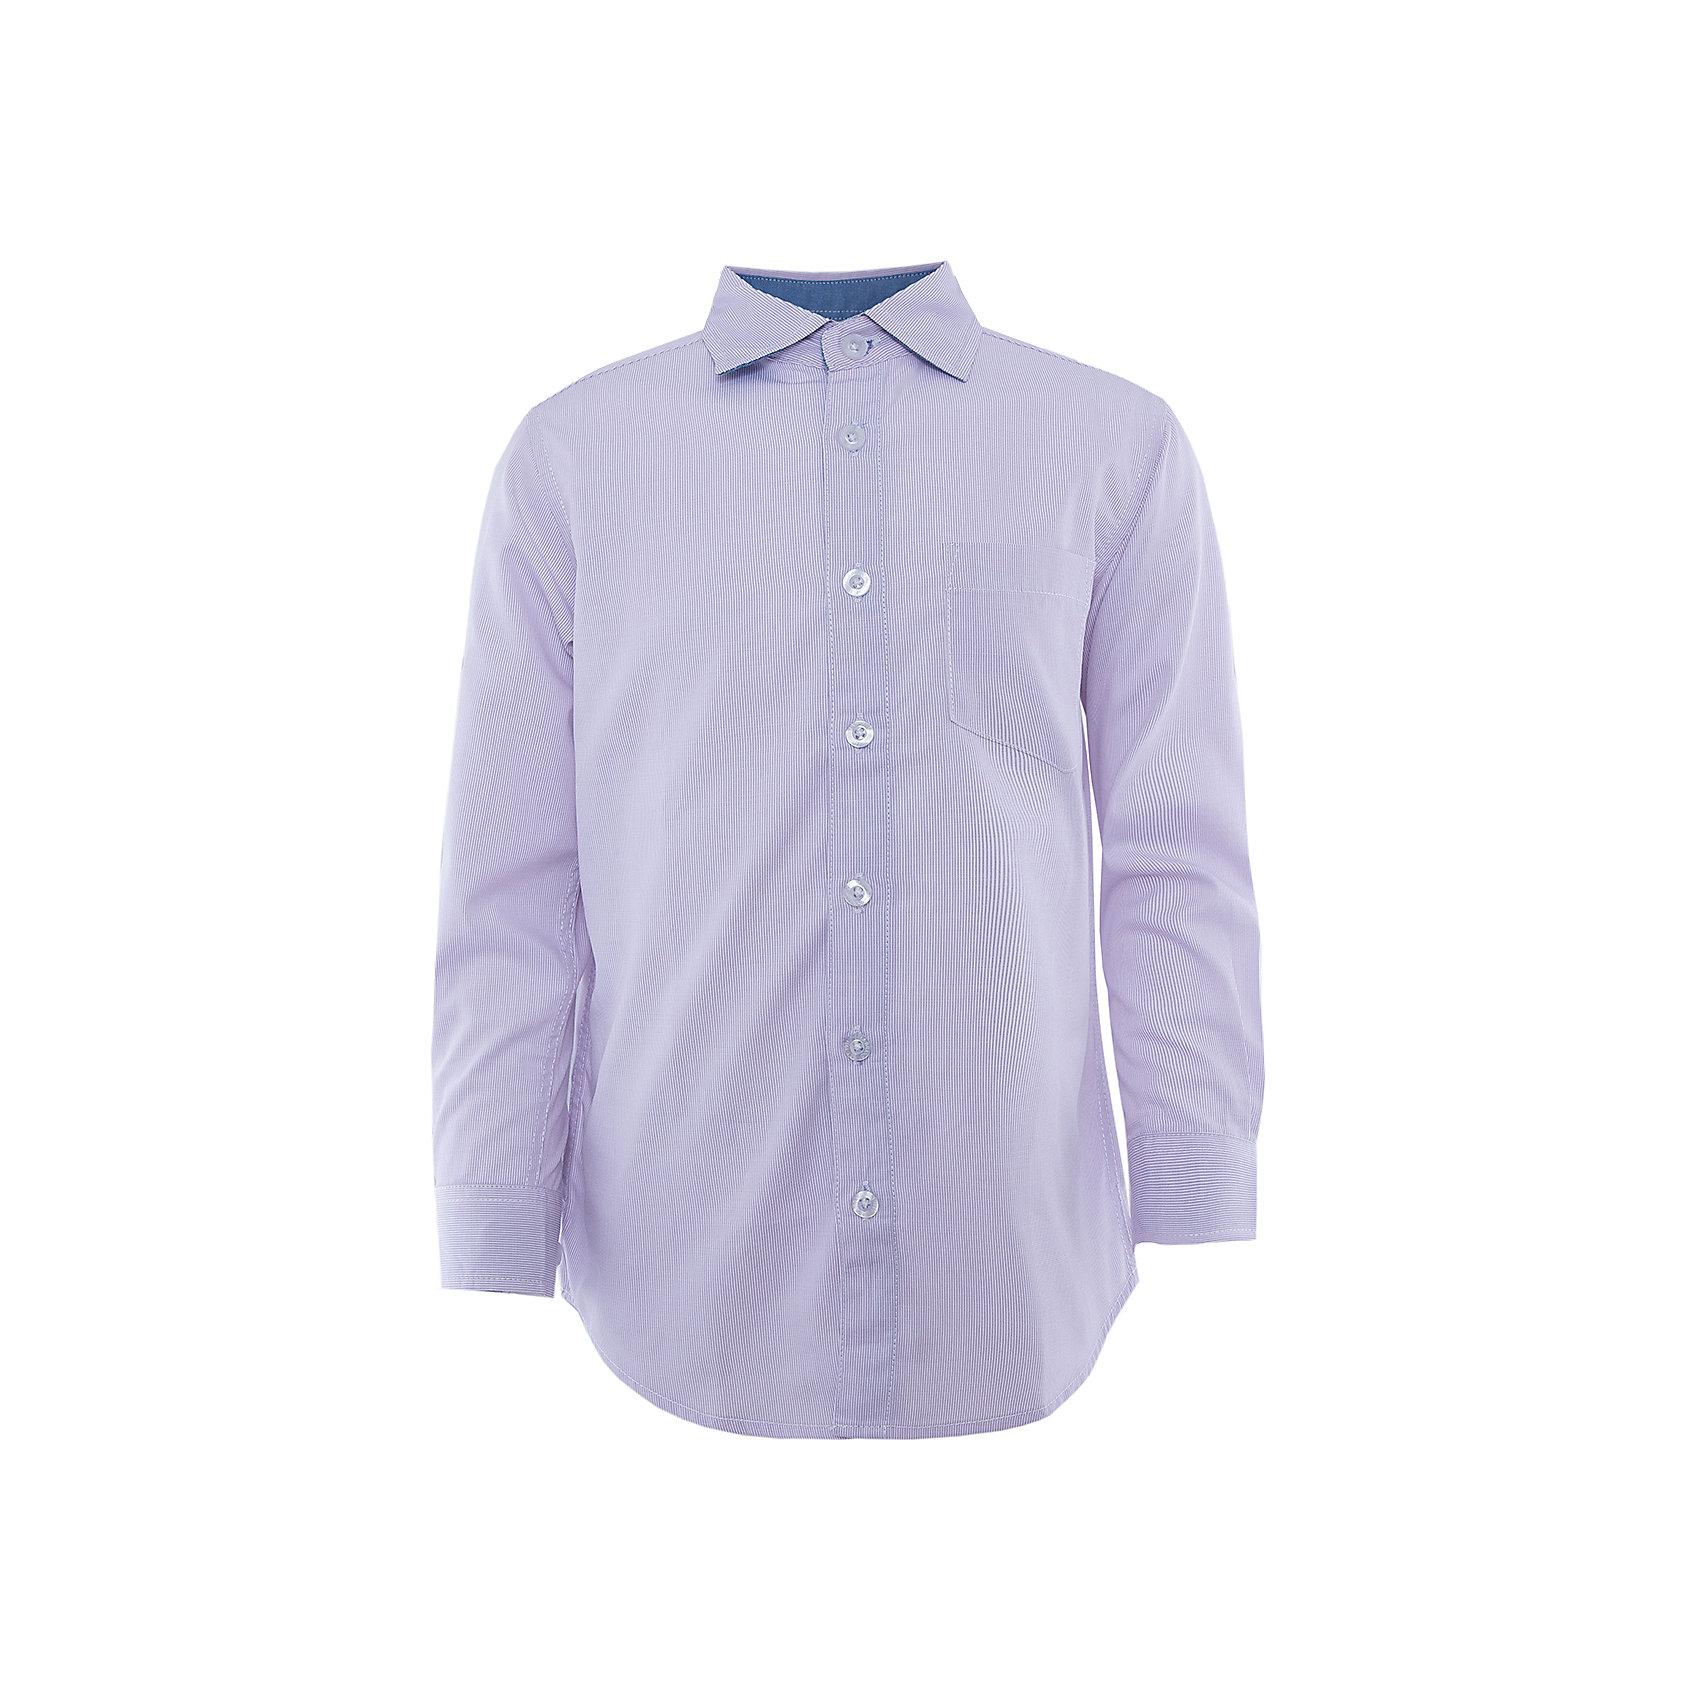 Рубашка для мальчика SELAДетская одежда от SELA - это качество и отличные цены. Рубашка для мальчика из новой коллекции – прекрасно подойдет для обновления гардероба к новому учебному году. Строгость и стиль – главные достоинства модели.<br>На рукавах у рубашки есть модные декоративные элементы синего цвета, привлекающие внимание. Модель не имеет рисунка, но едва заметный орнамент делает изделие оригинальным. Нежный цвет позволит комбинировать рубашку с любимыми вещами. Все материалы, использованные в создании изделия,  отвечают современным требованиям по качеству и безопасности продукции. <br><br>Дополнительная информация:<br><br>цвет: лаванда;<br>состав: 65% хлопок, 35% ПЭ;<br>рукав длинный;<br>силуэт прямой.<br><br>Рубашку для мальчика от компании SELA можно купить в нашем магазине.<br><br>Ширина мм: 174<br>Глубина мм: 10<br>Высота мм: 169<br>Вес г: 157<br>Цвет: голубой<br>Возраст от месяцев: 96<br>Возраст до месяцев: 108<br>Пол: Мужской<br>Возраст: Детский<br>Размер: 146,128,152,134,122,170,164,140,158,116<br>SKU: 4913046